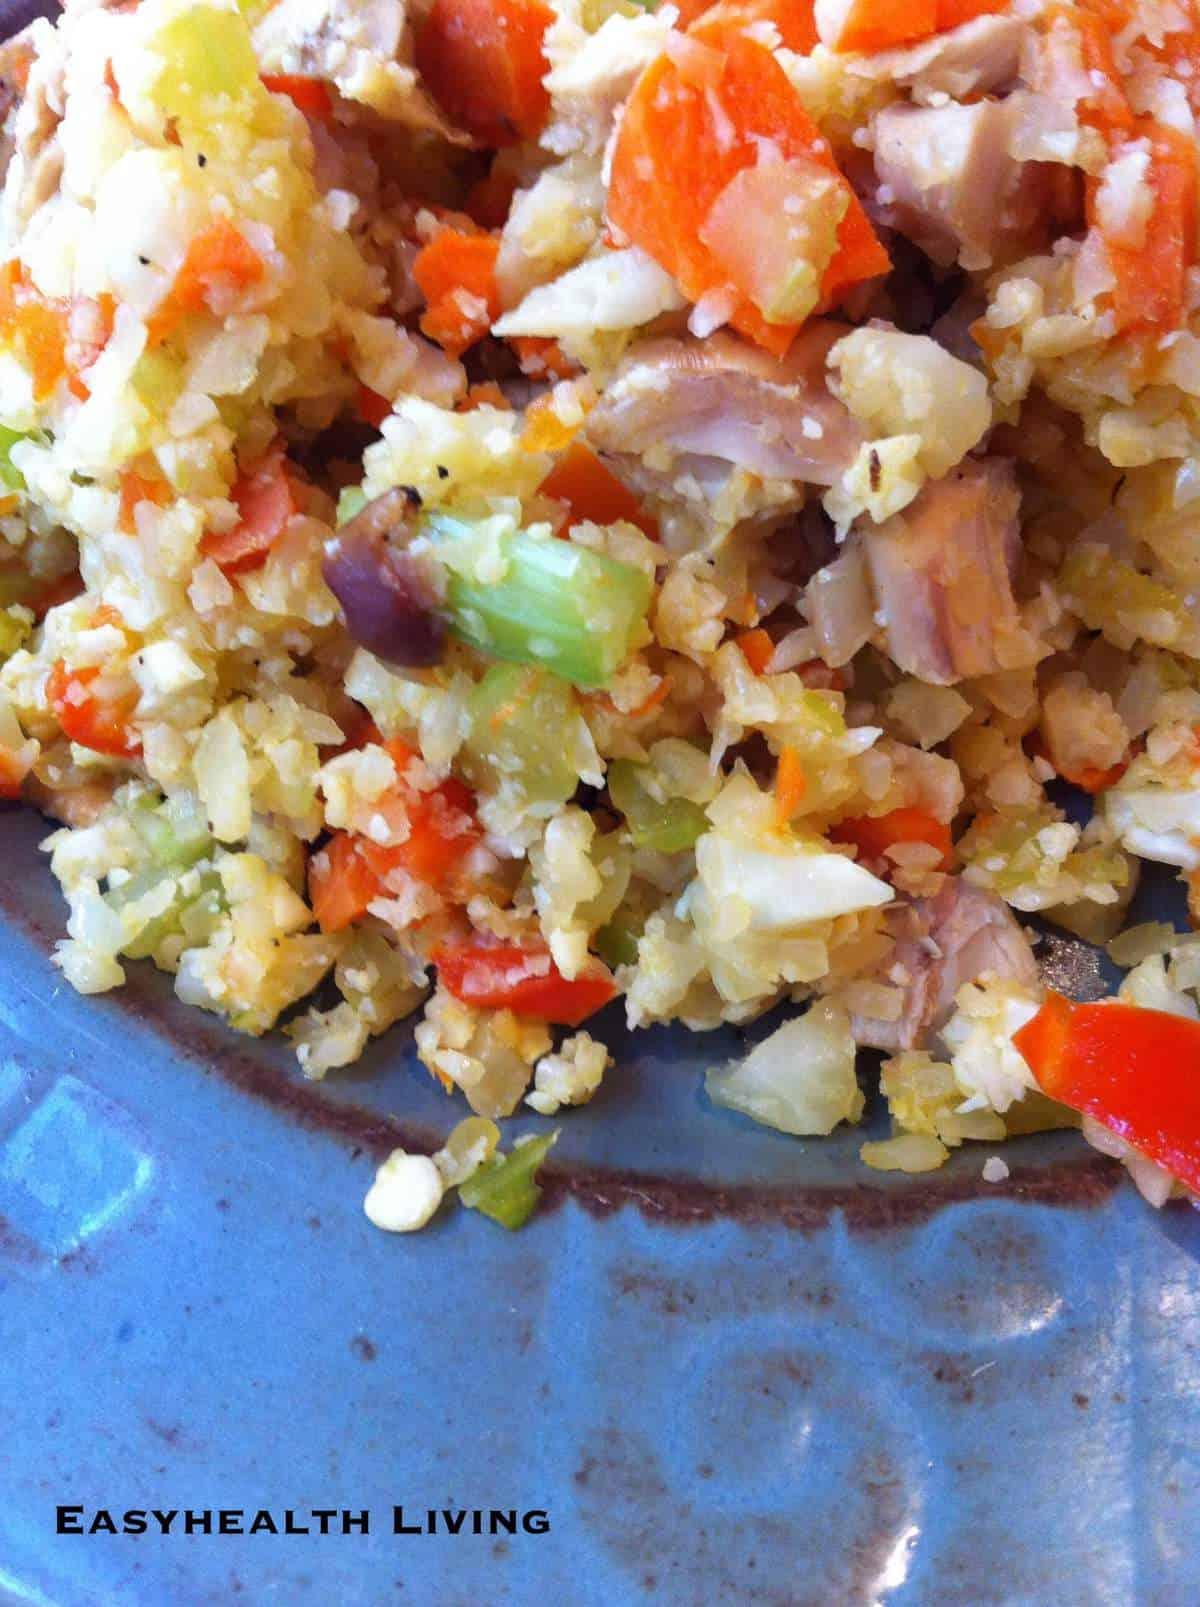 Low Carb Stir Fried Cauliflower Rice with Turkey